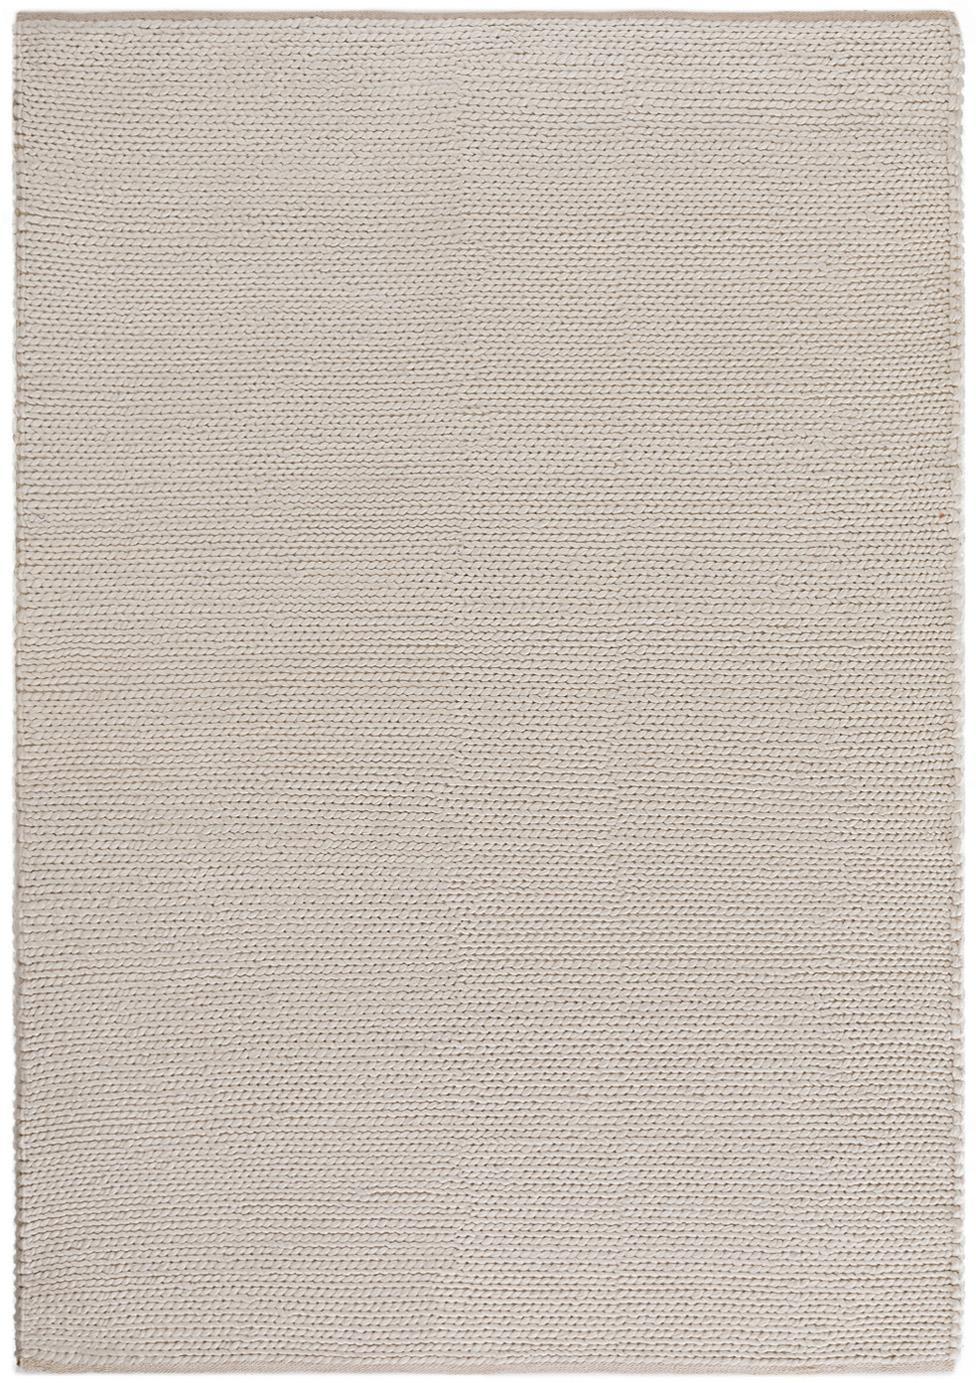 Handgewebter Wollteppich Uno in Creme, Flor: 60% Wolle, 40% Polyester, Creme, B 120 x L 170 cm (Größe S)